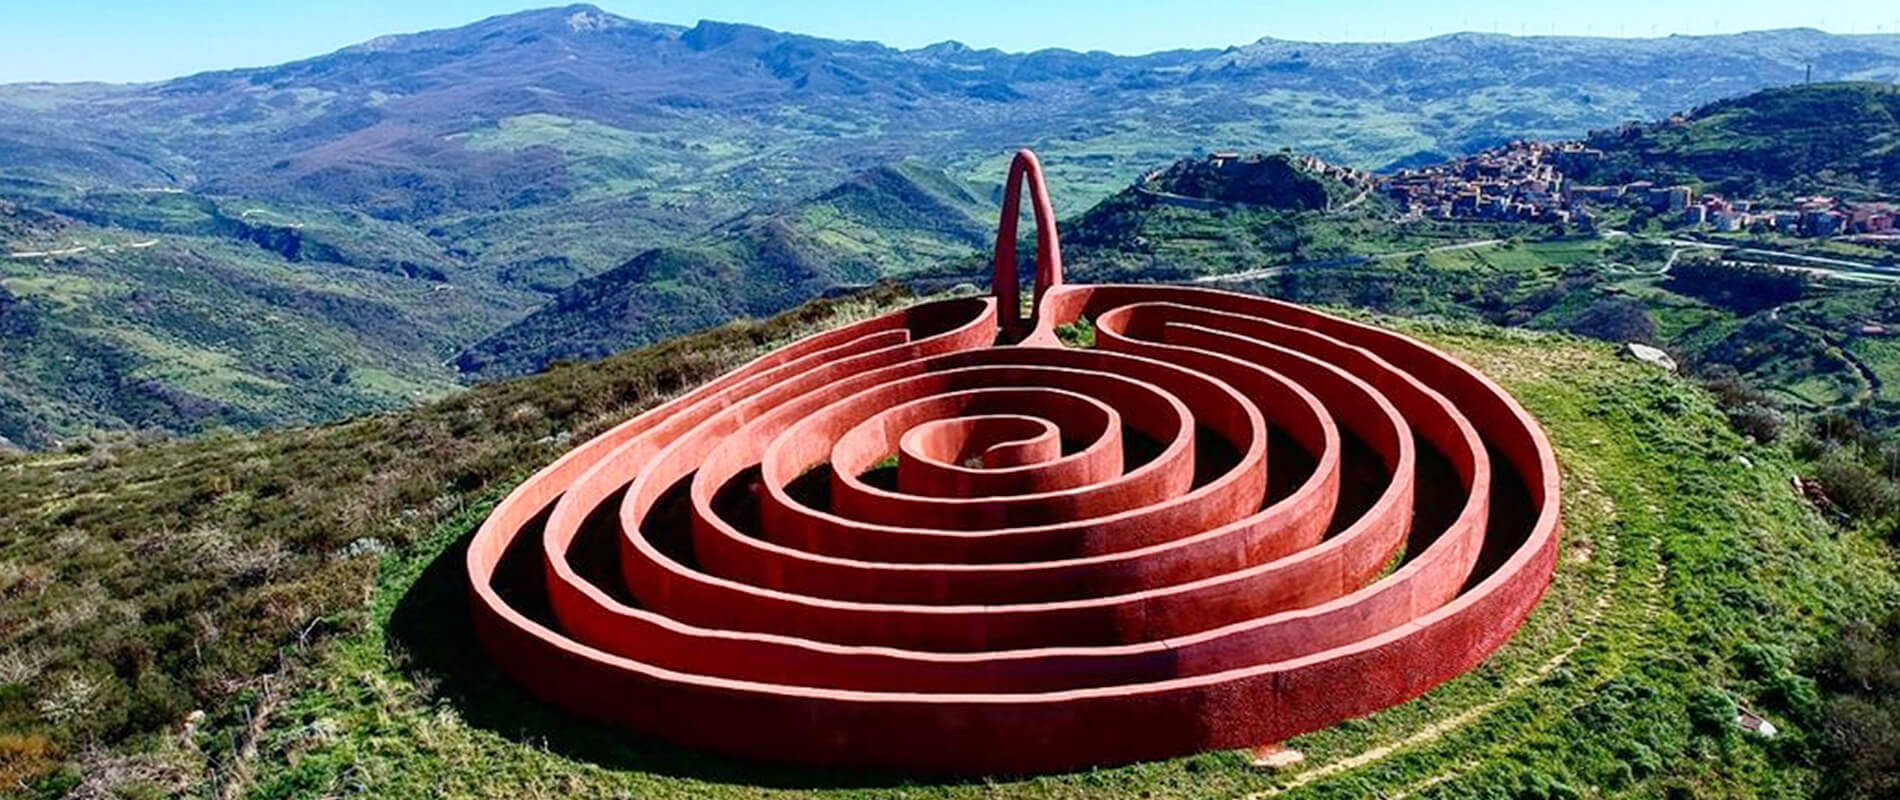 Il Labirinto di Arianna, spirale senza fine nel cuore della Sicilia